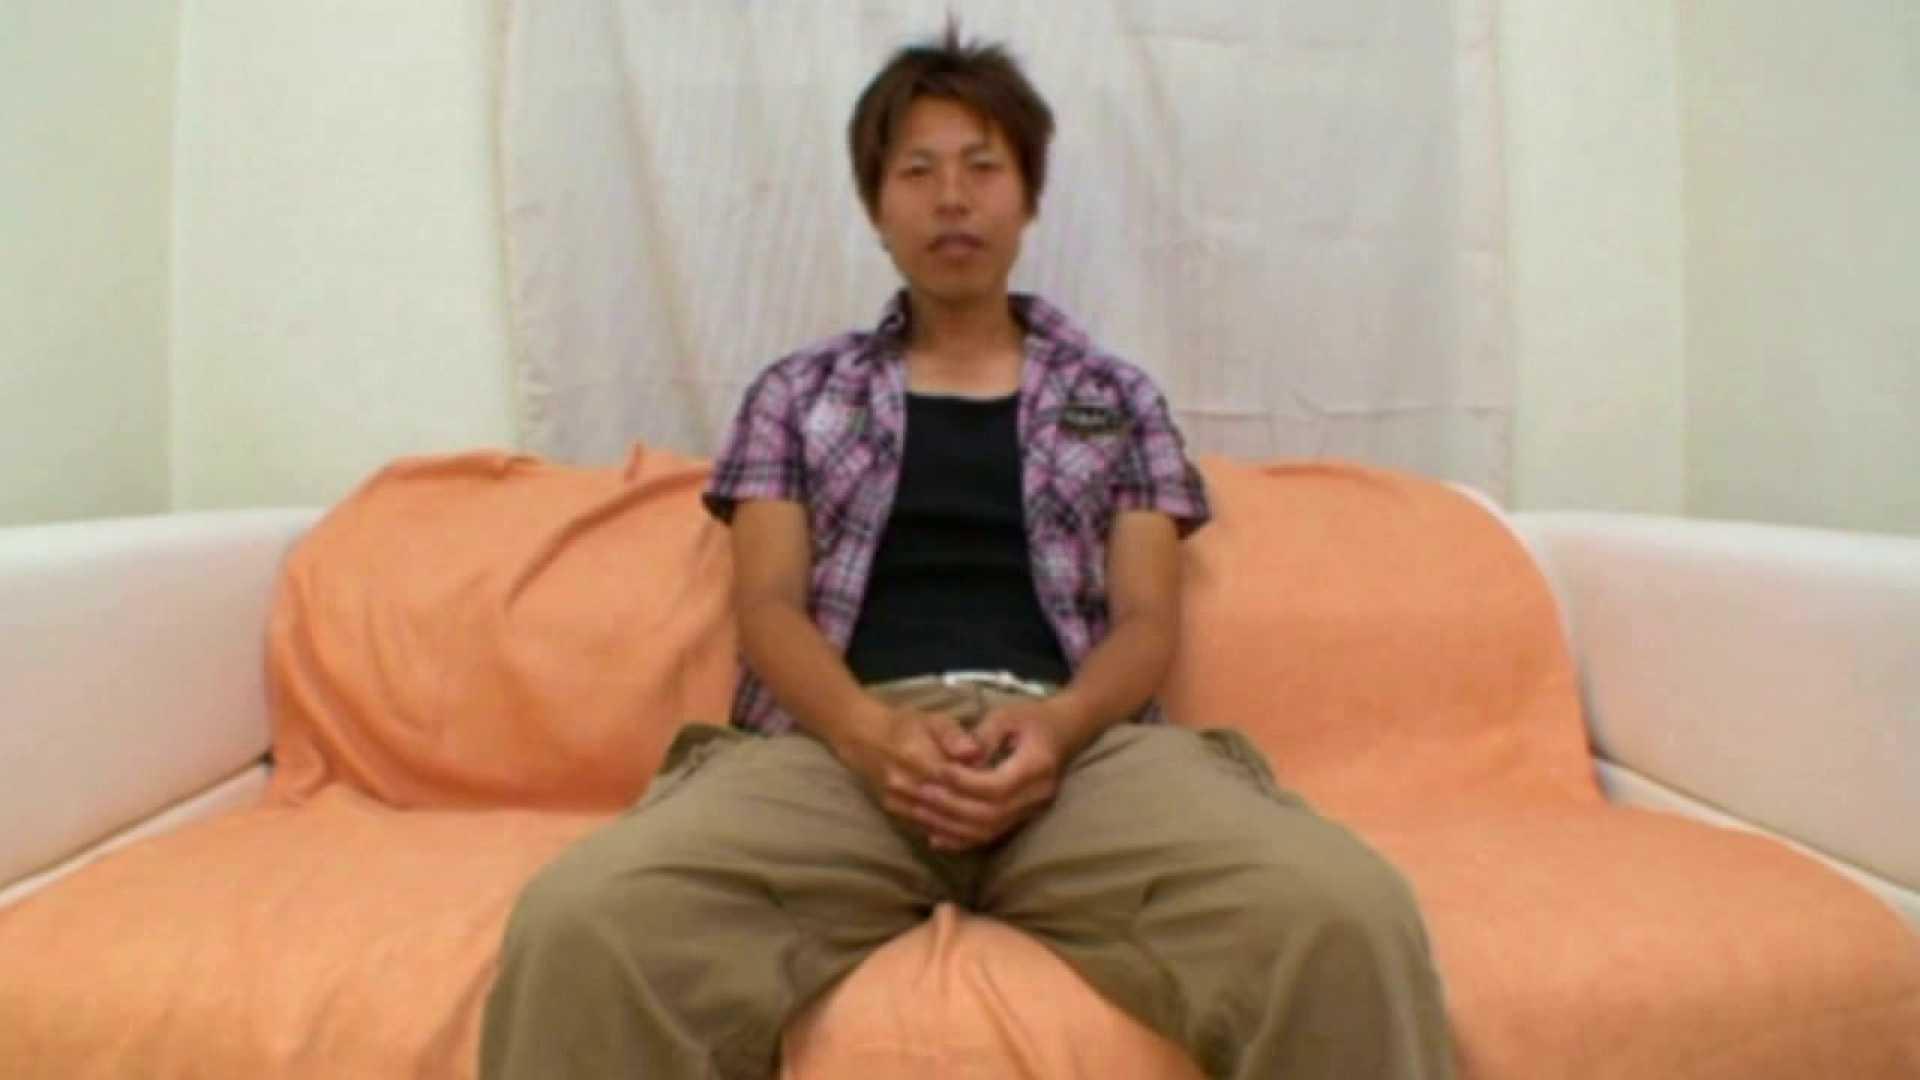 ノンケ!自慰スタジオ No.10 ノンケ天国 ゲイアダルト画像 83pic 72